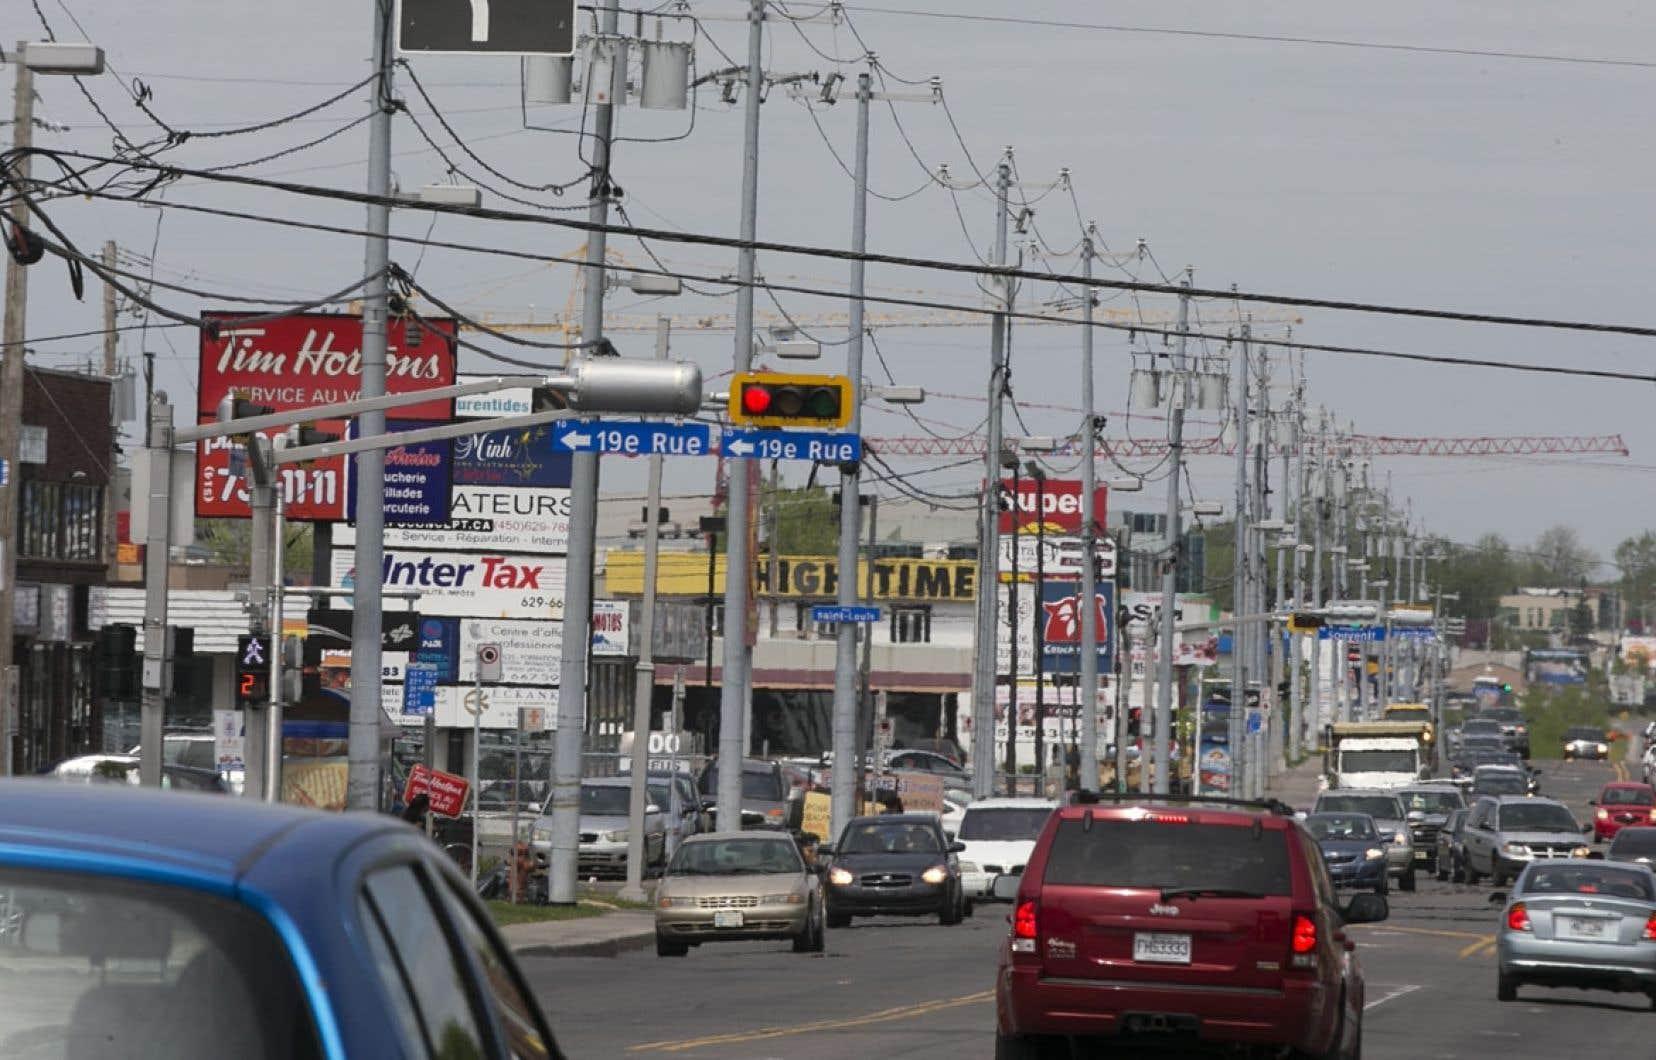 «De plus en plus, les banlieues sont perçues comme des lieux où les choix sont limités », dit l'urbaniste Brent Toderian.